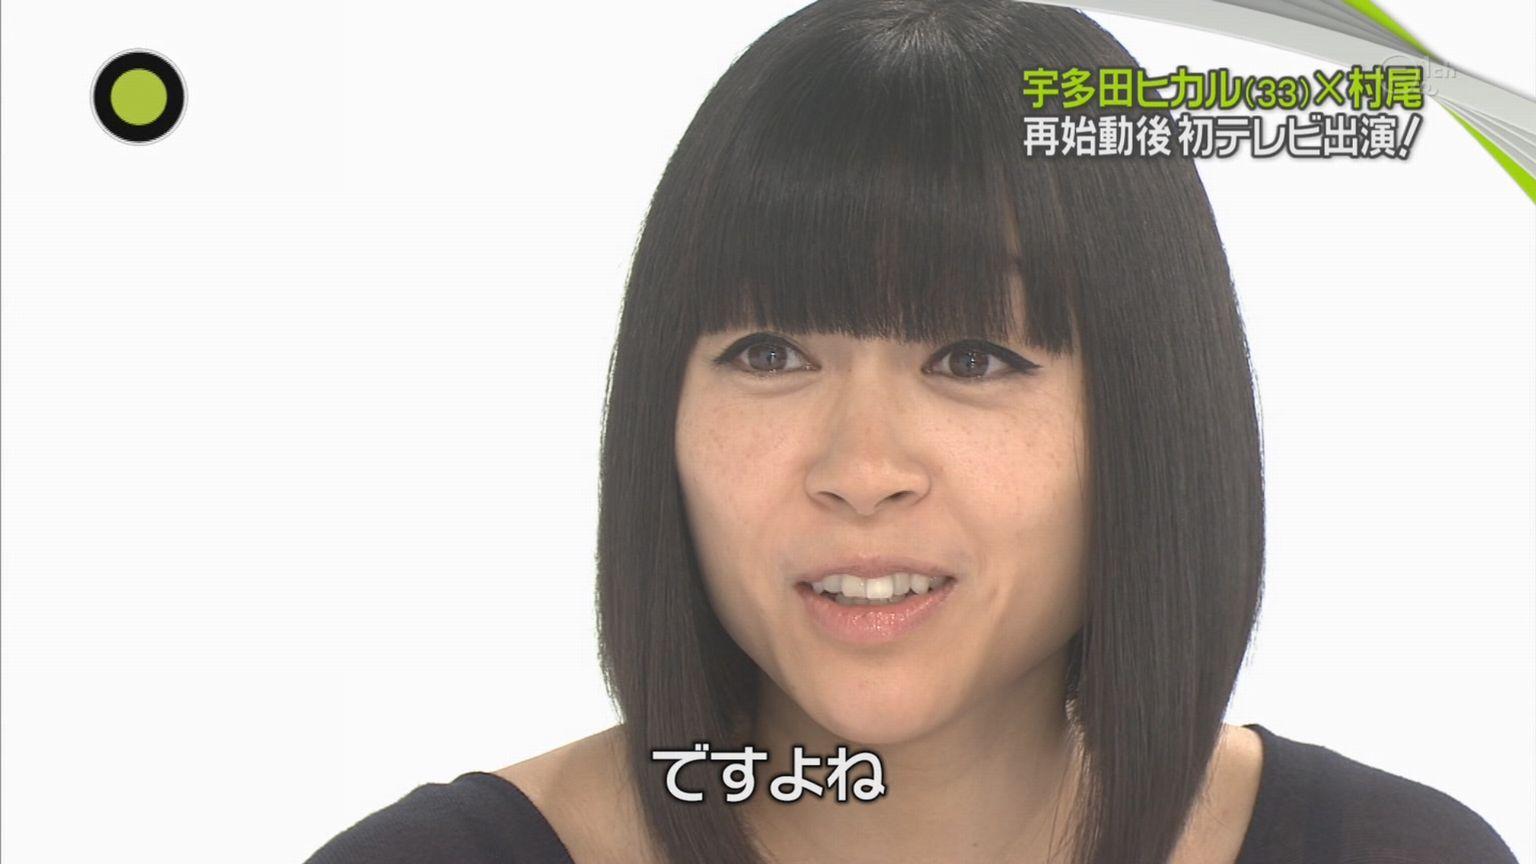 【エンタメ画像】《悲報》宇多田ヒカルの今がヤバイ